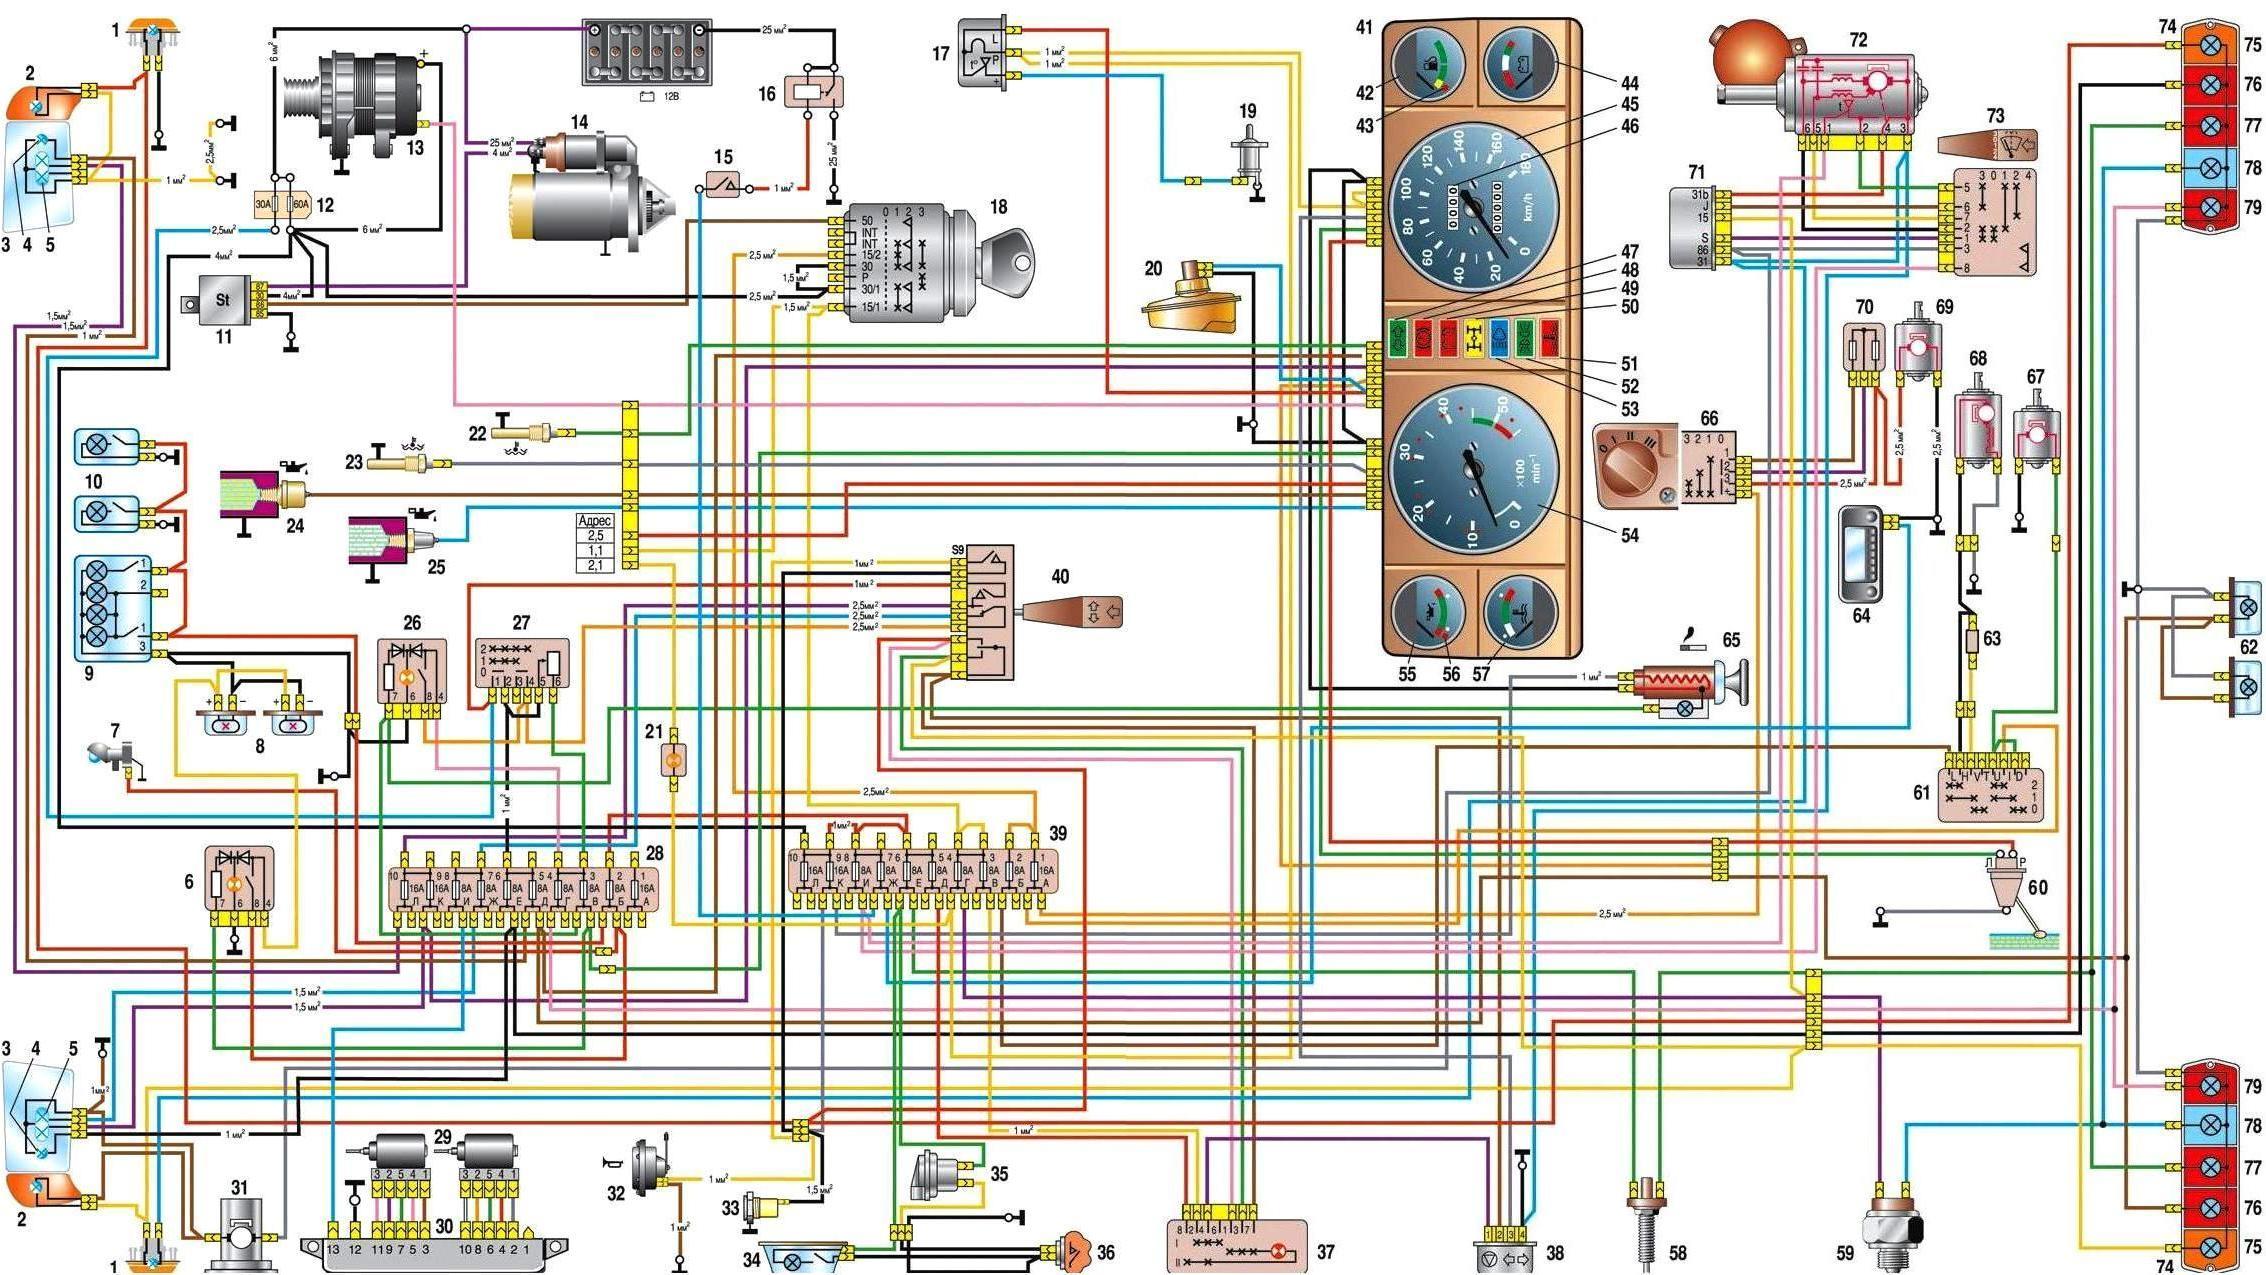 Схема охлаждения змз 406 инжектор схема